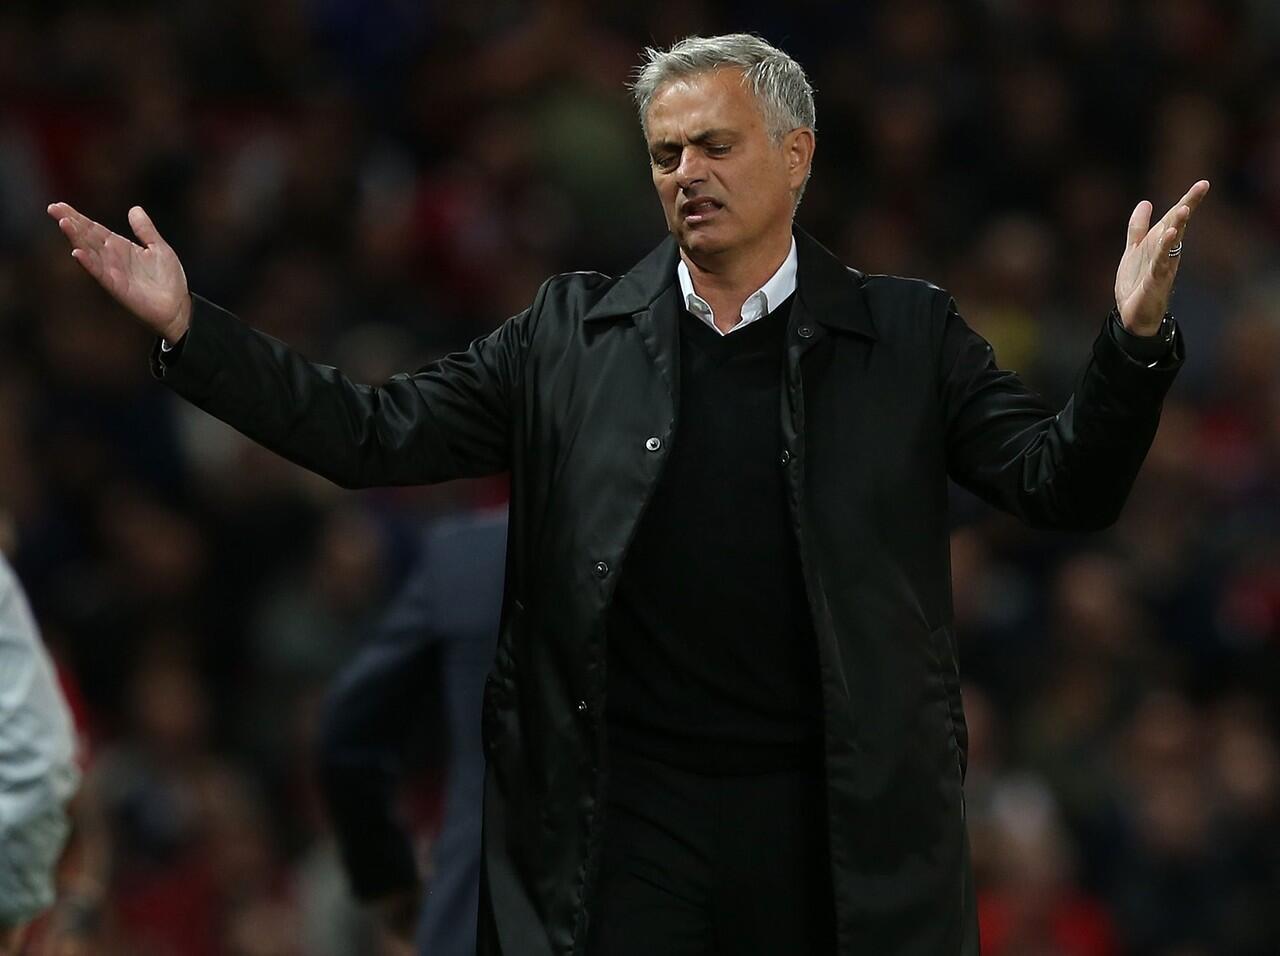 Saatnya Mourinho Angkat Kaki dari Old Trafford